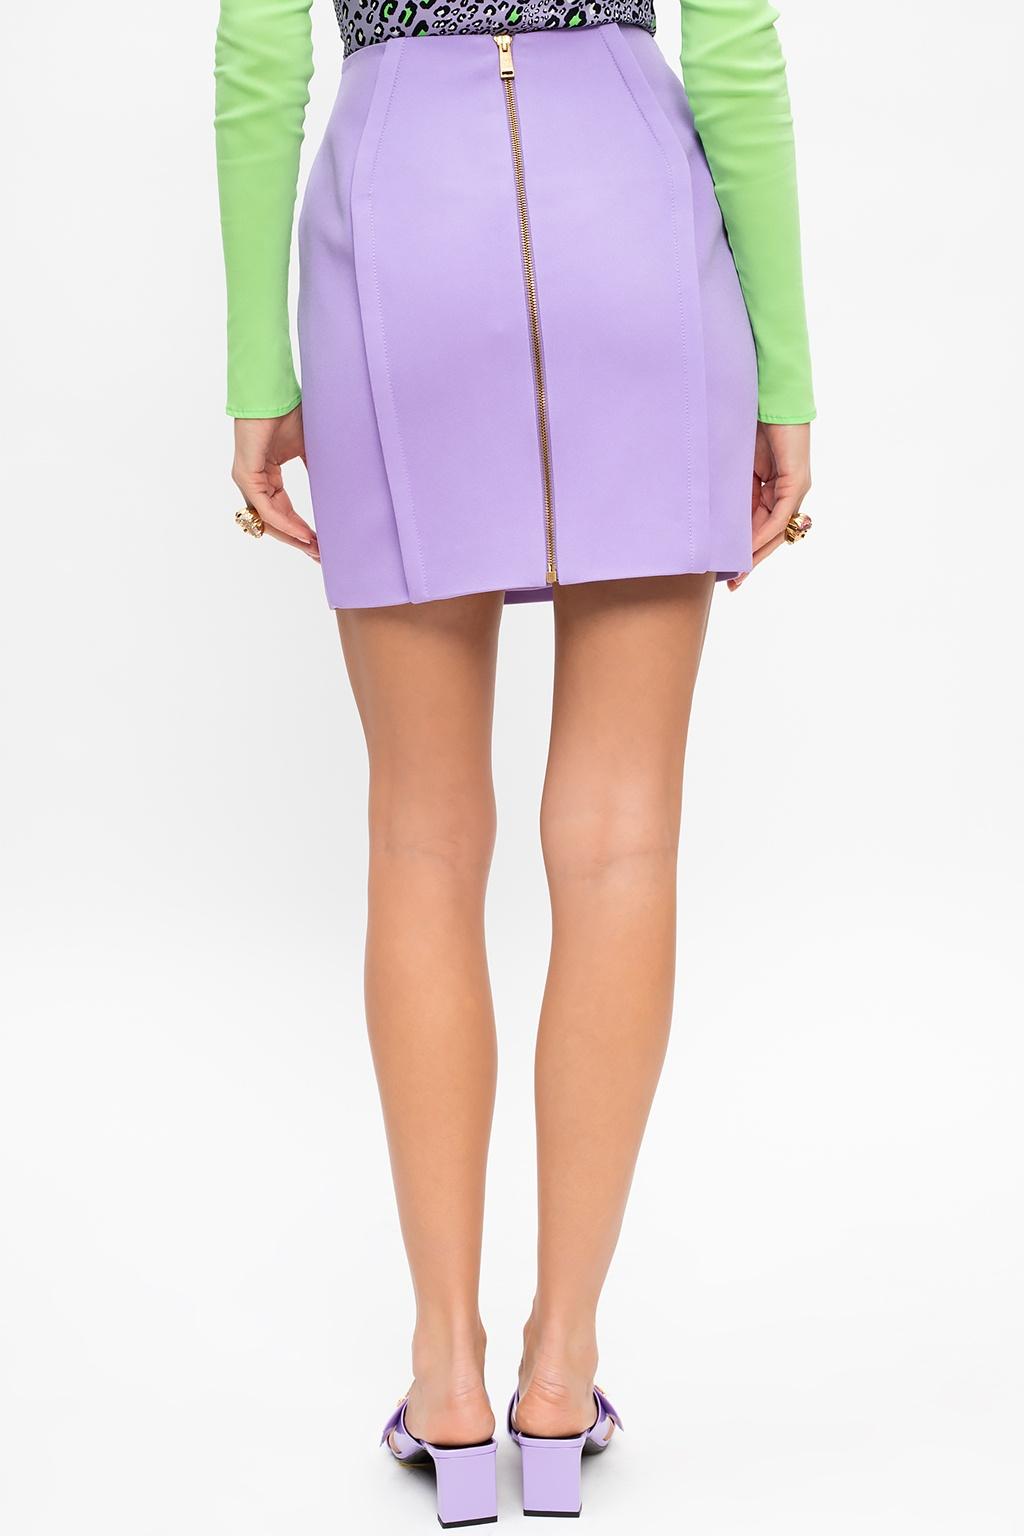 Versace Skirt with zip